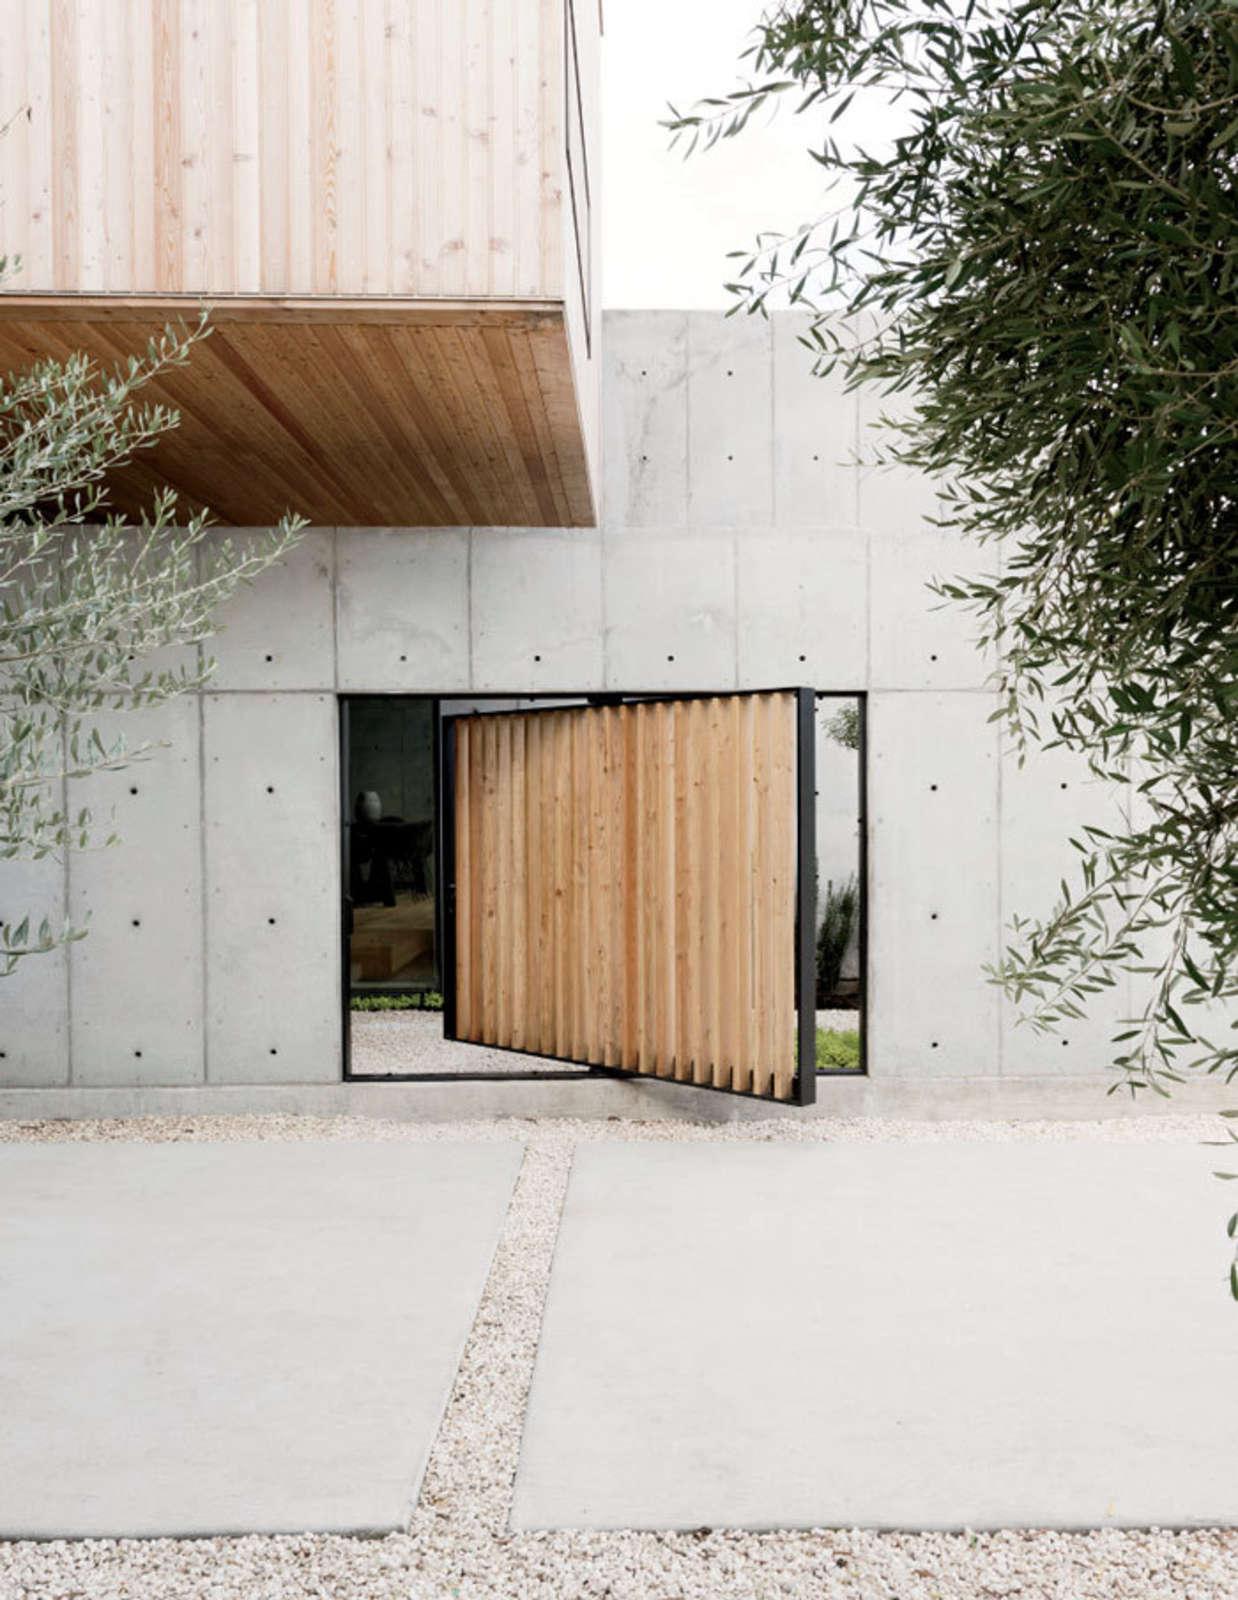 pivoting courtyard door robertson design - Garden Design Trends 2017